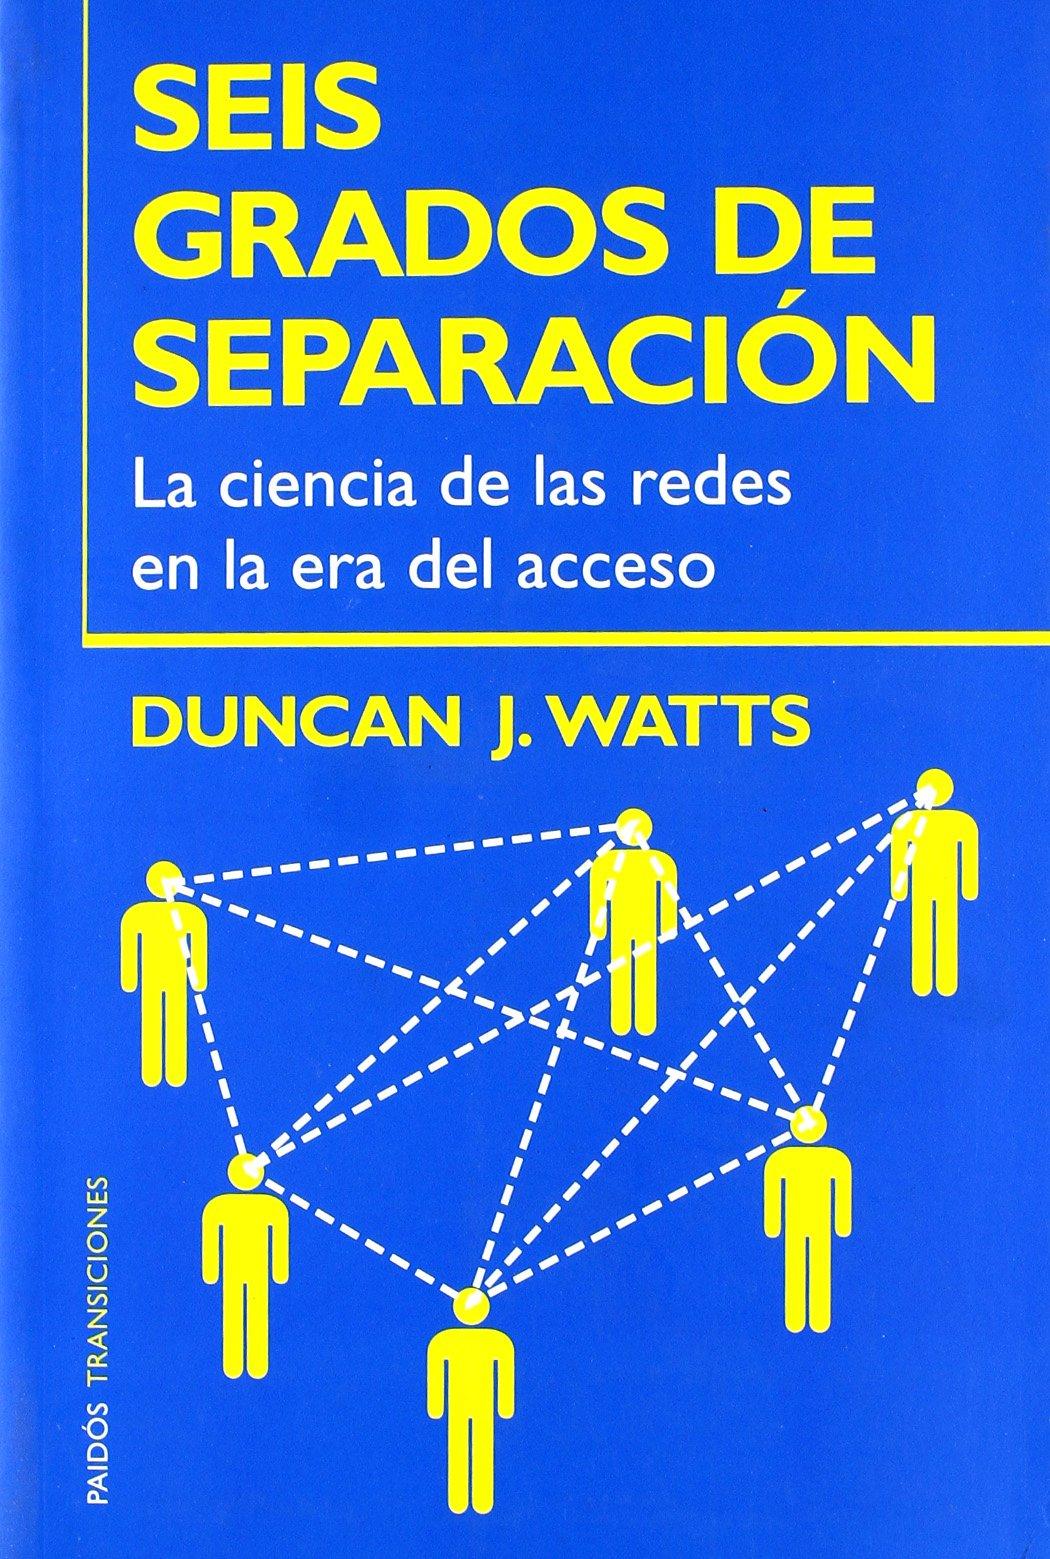 Seis grados de separación: La ciencia de las redes en la era del acceso: 59 (Transiciones) Tapa blanda – 15 feb 2006 Duncan J. Watts Ediciones Paidós 844931772X BOG_LIB_U_024781